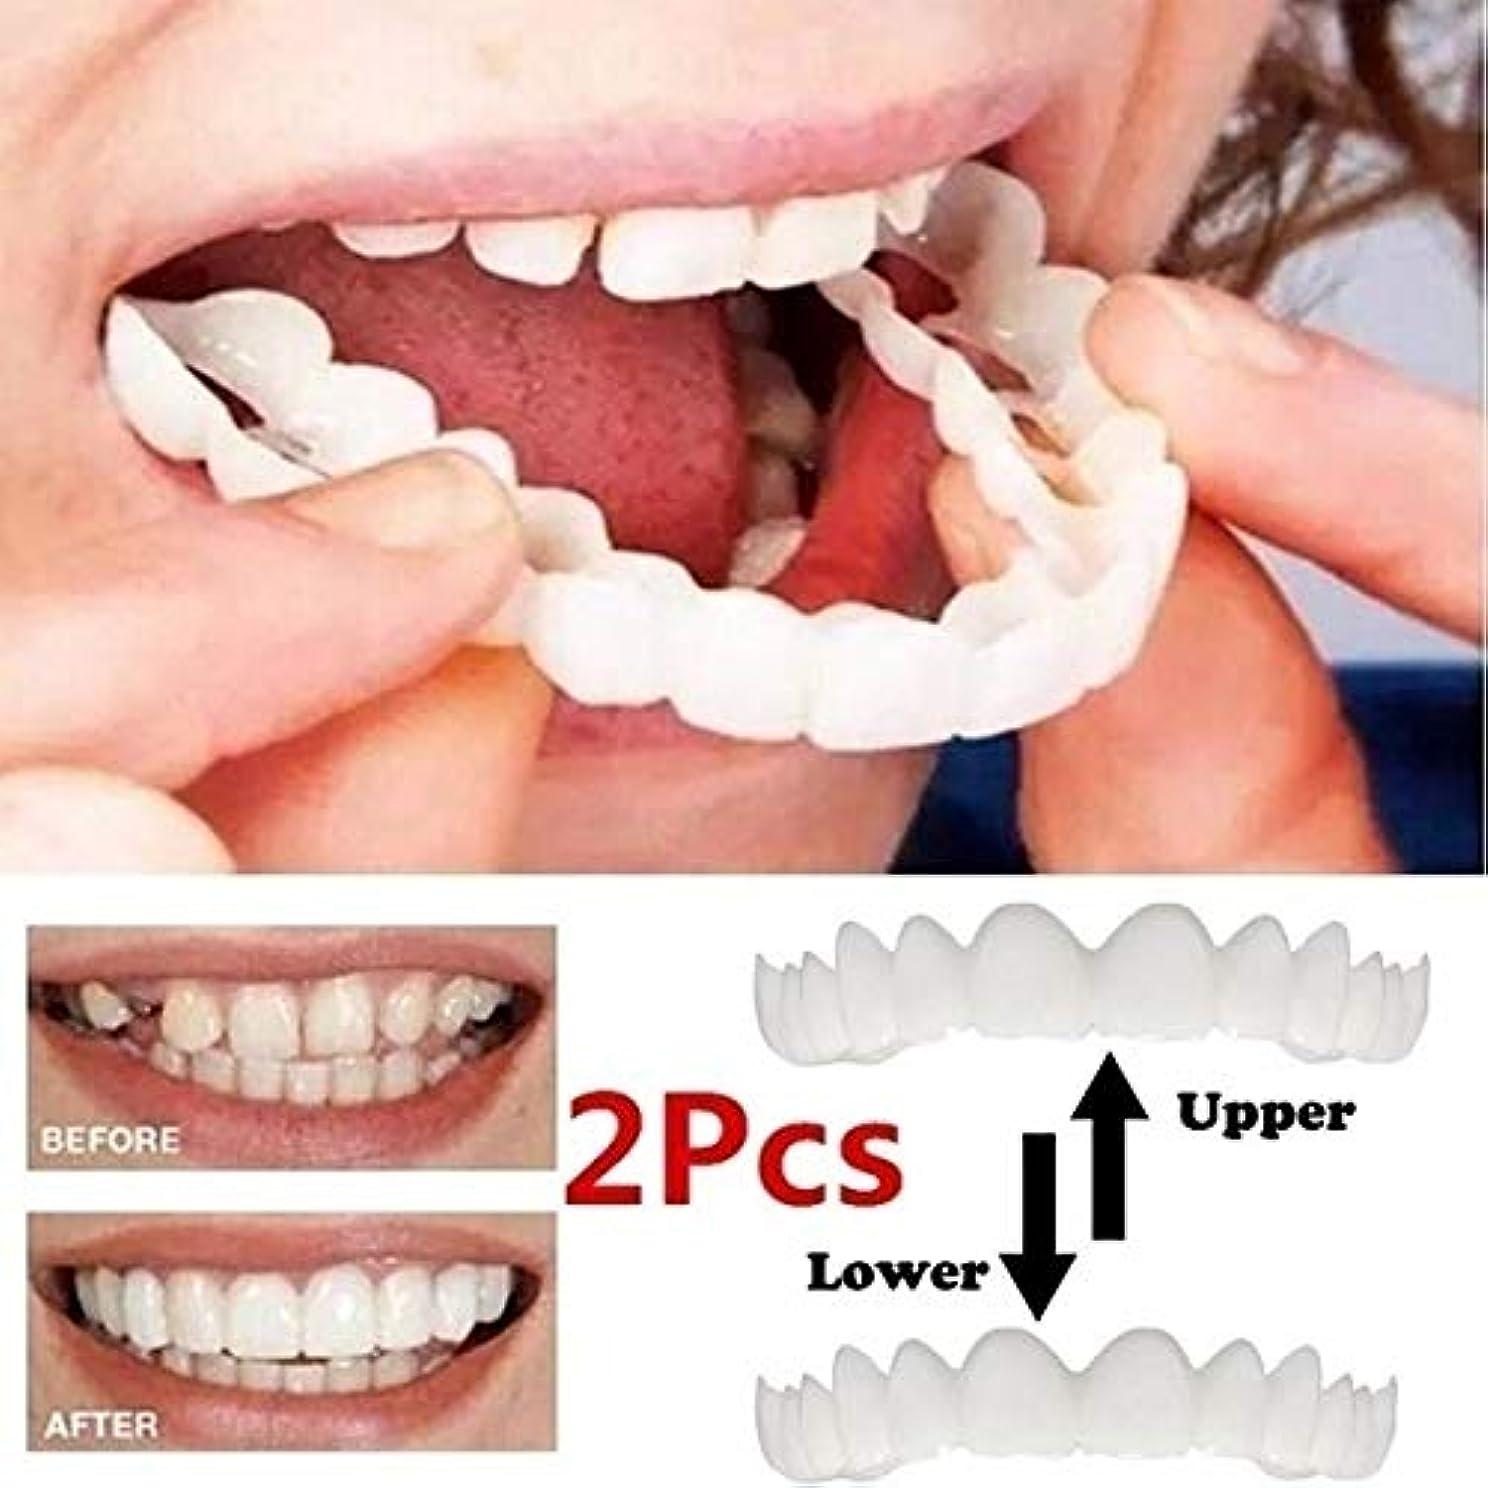 子オープニング冷酷な一時的な笑顔の快適さフィット化粧品の歯義歯のベニヤ歯の快適さフィットフレックス化粧品の歯の上の歯のベニヤと下のベニヤ - 歯のベニヤ